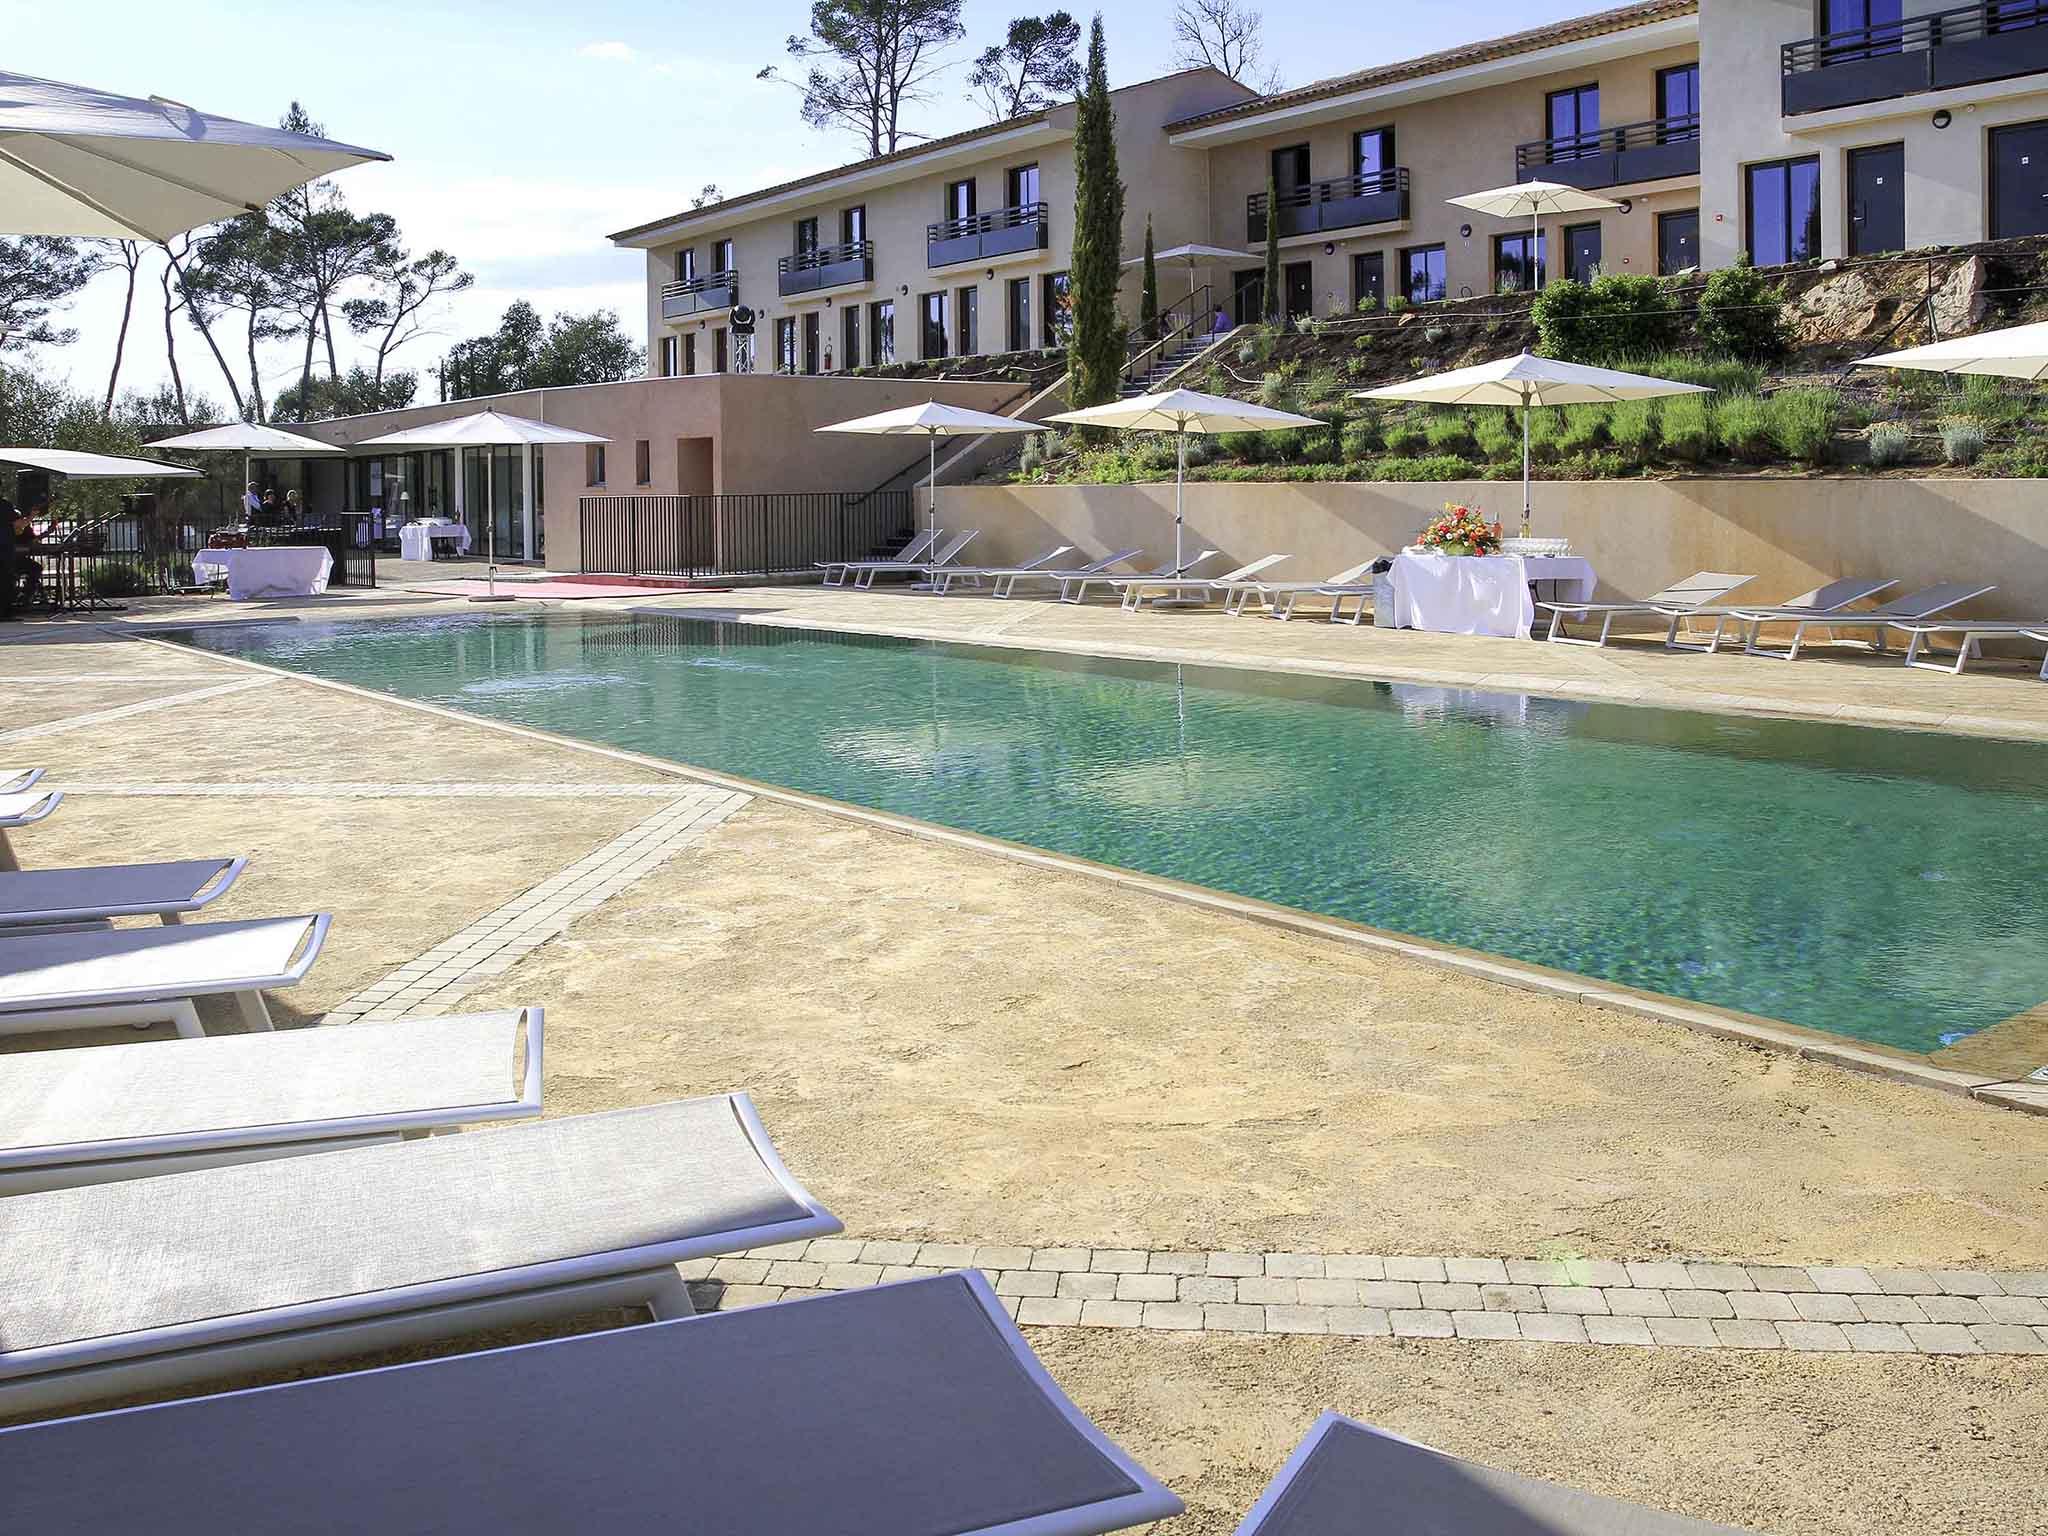 Hotel - Mercure Brignoles Golf de Barbaroux Hotel